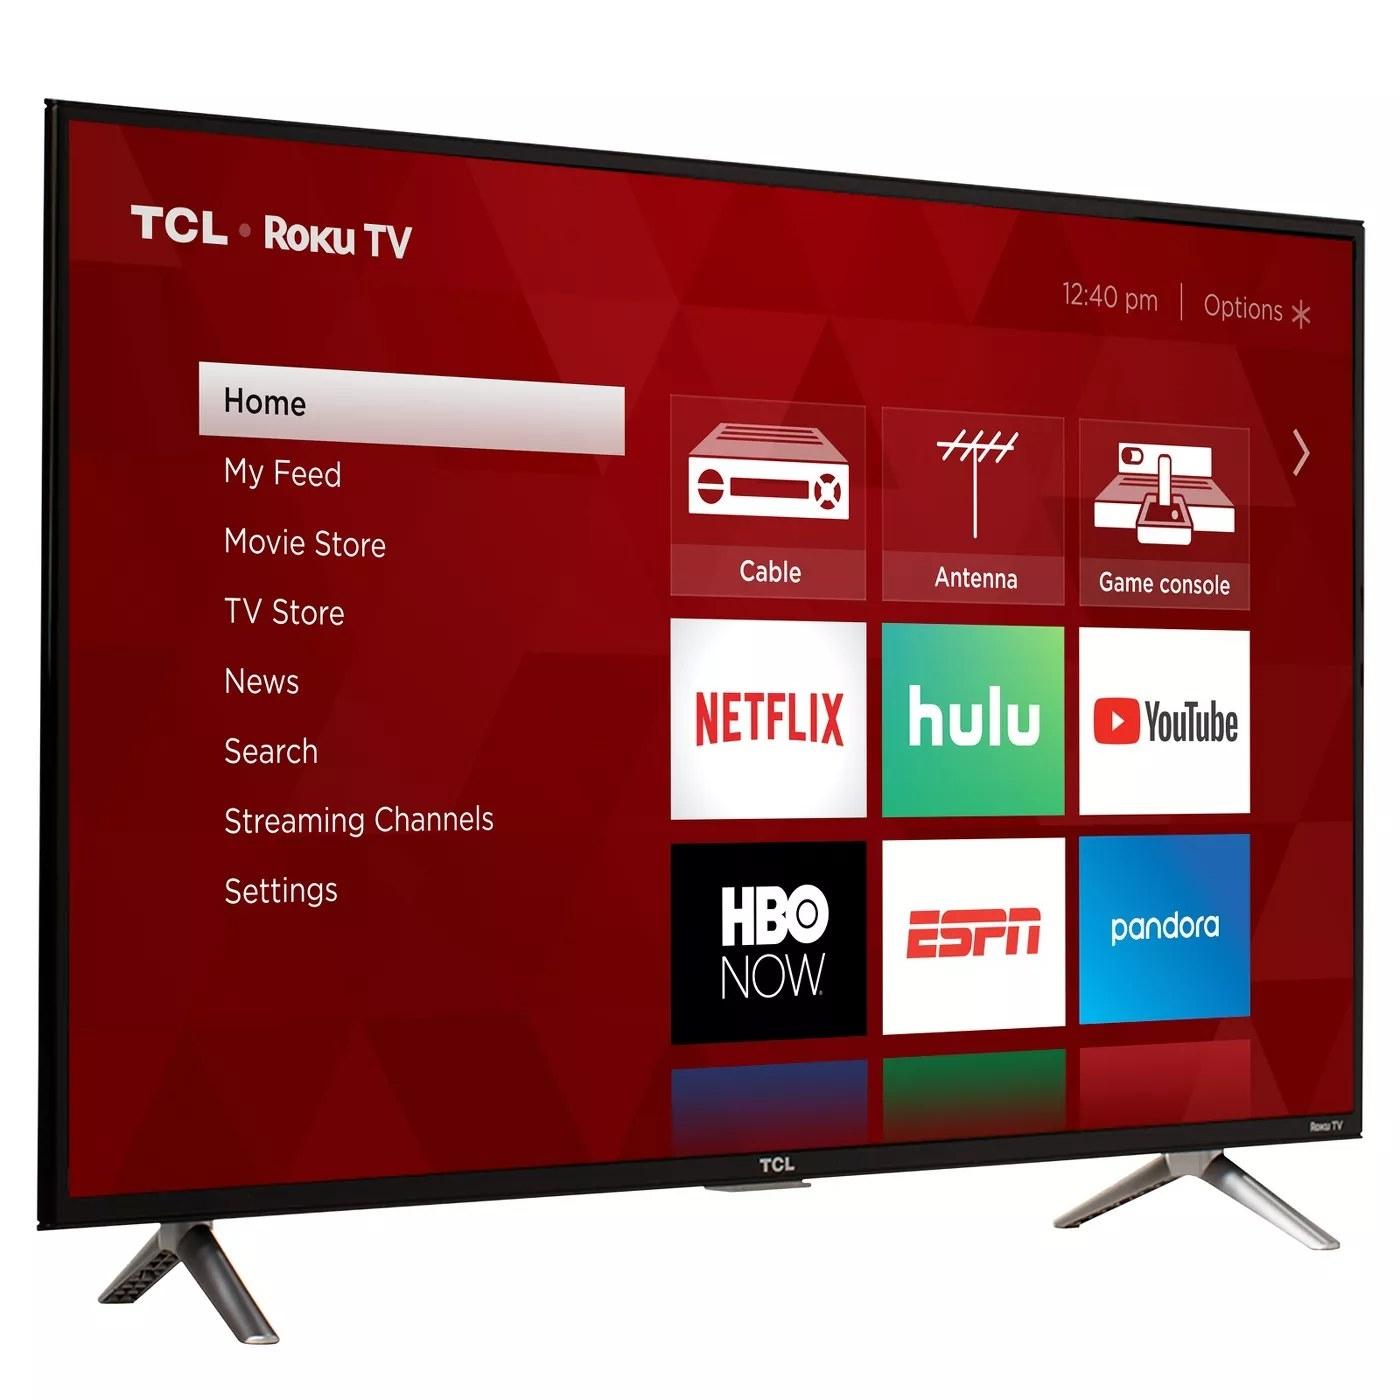 The Roku TV